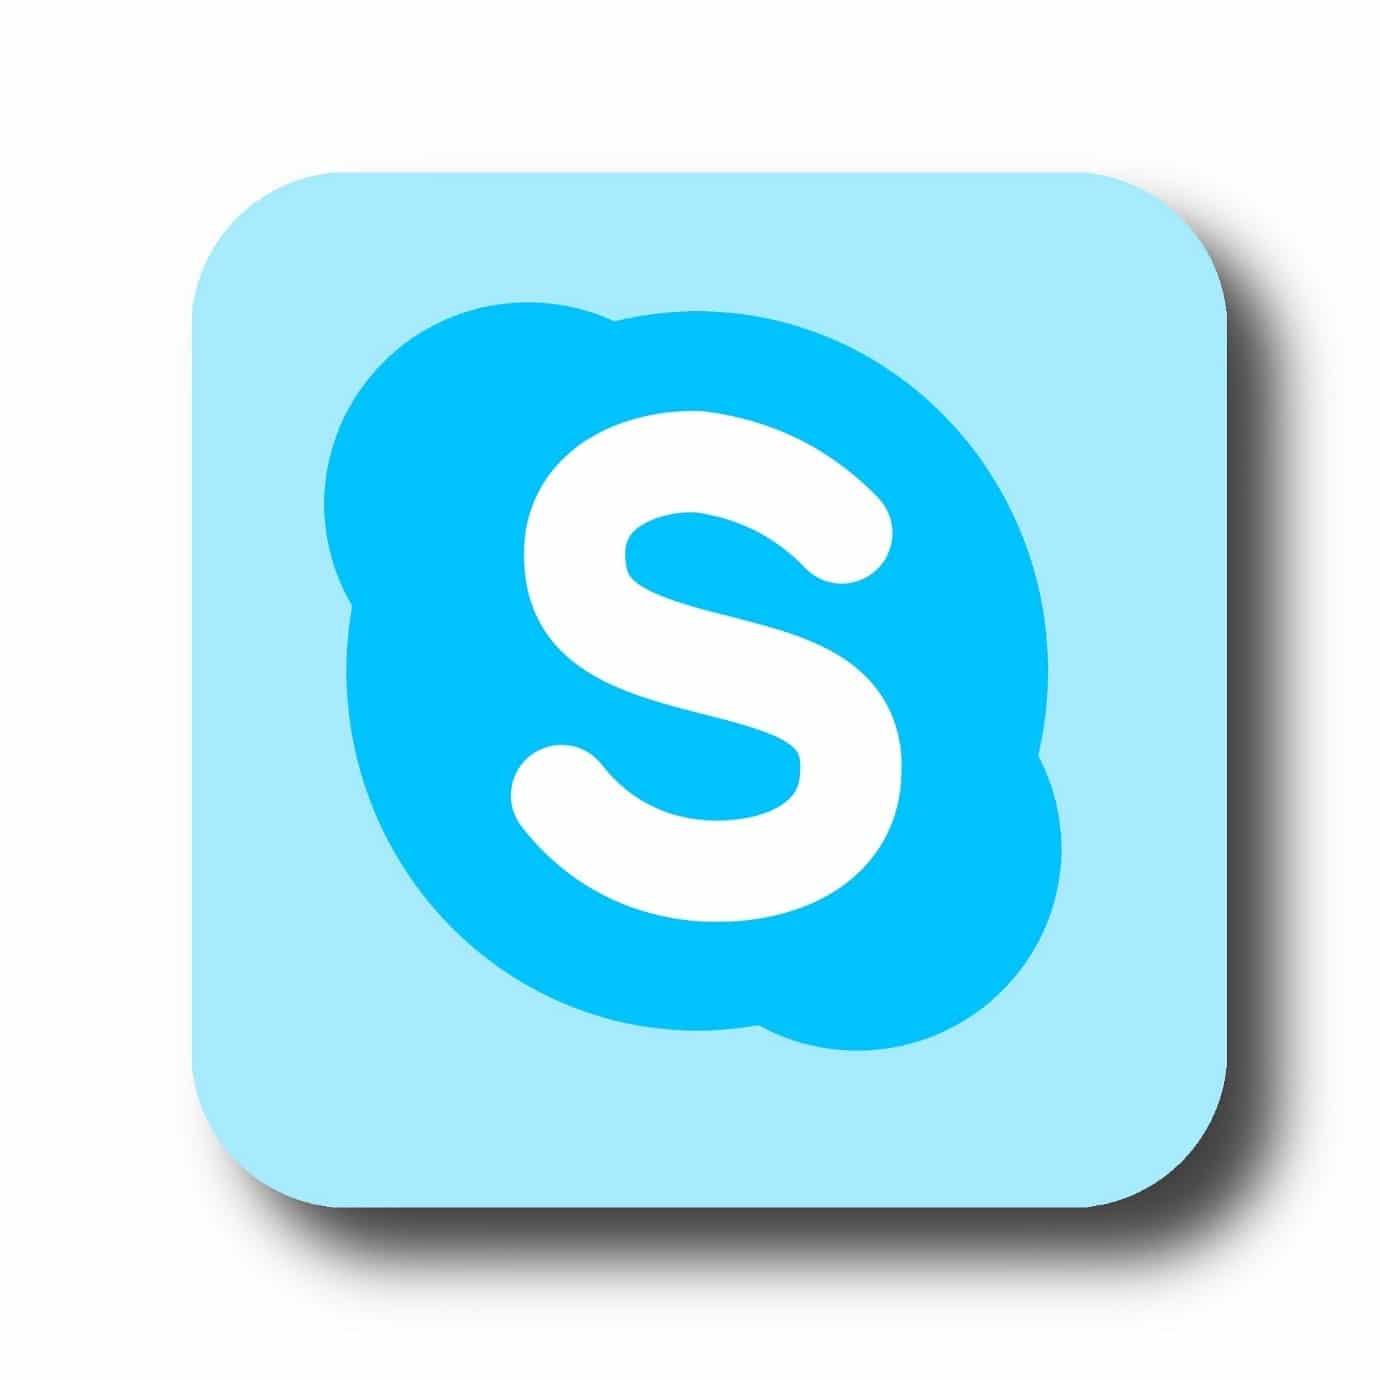 طريقة انشاء حساب سكايب Skype للم بتدئين خ طوة بخ طوة بالصور